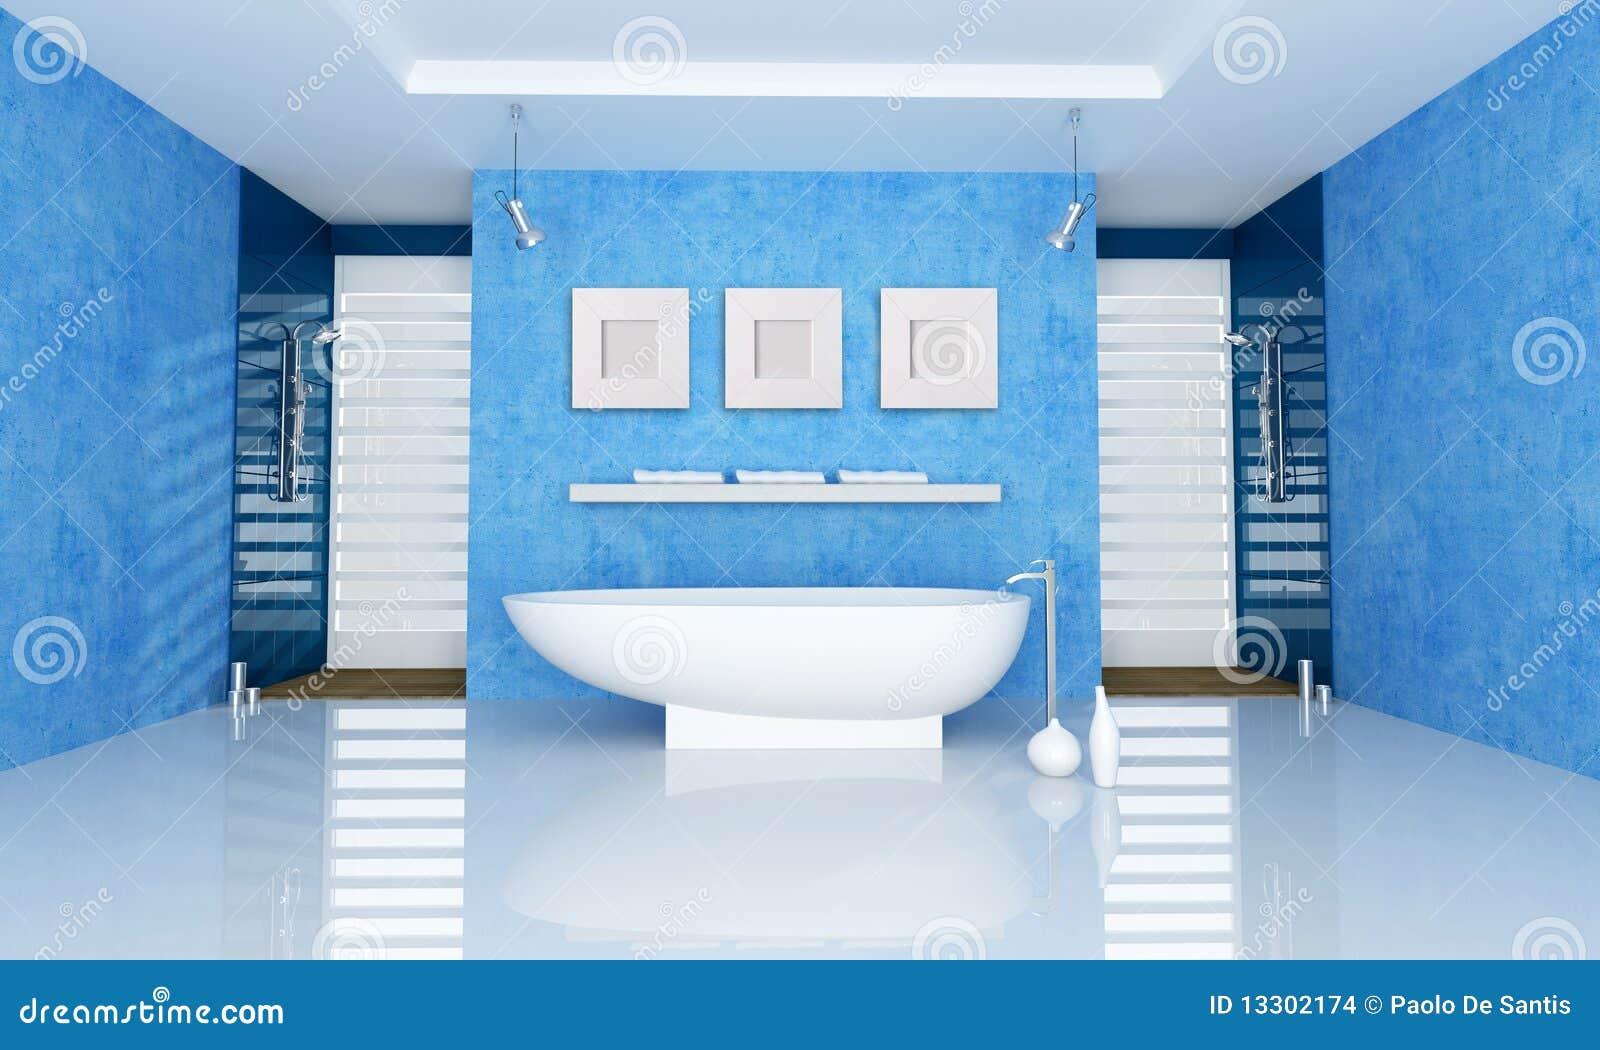 modernes badezimmer mit blauen fliesen auf wand lizenzfreies, Hause ideen